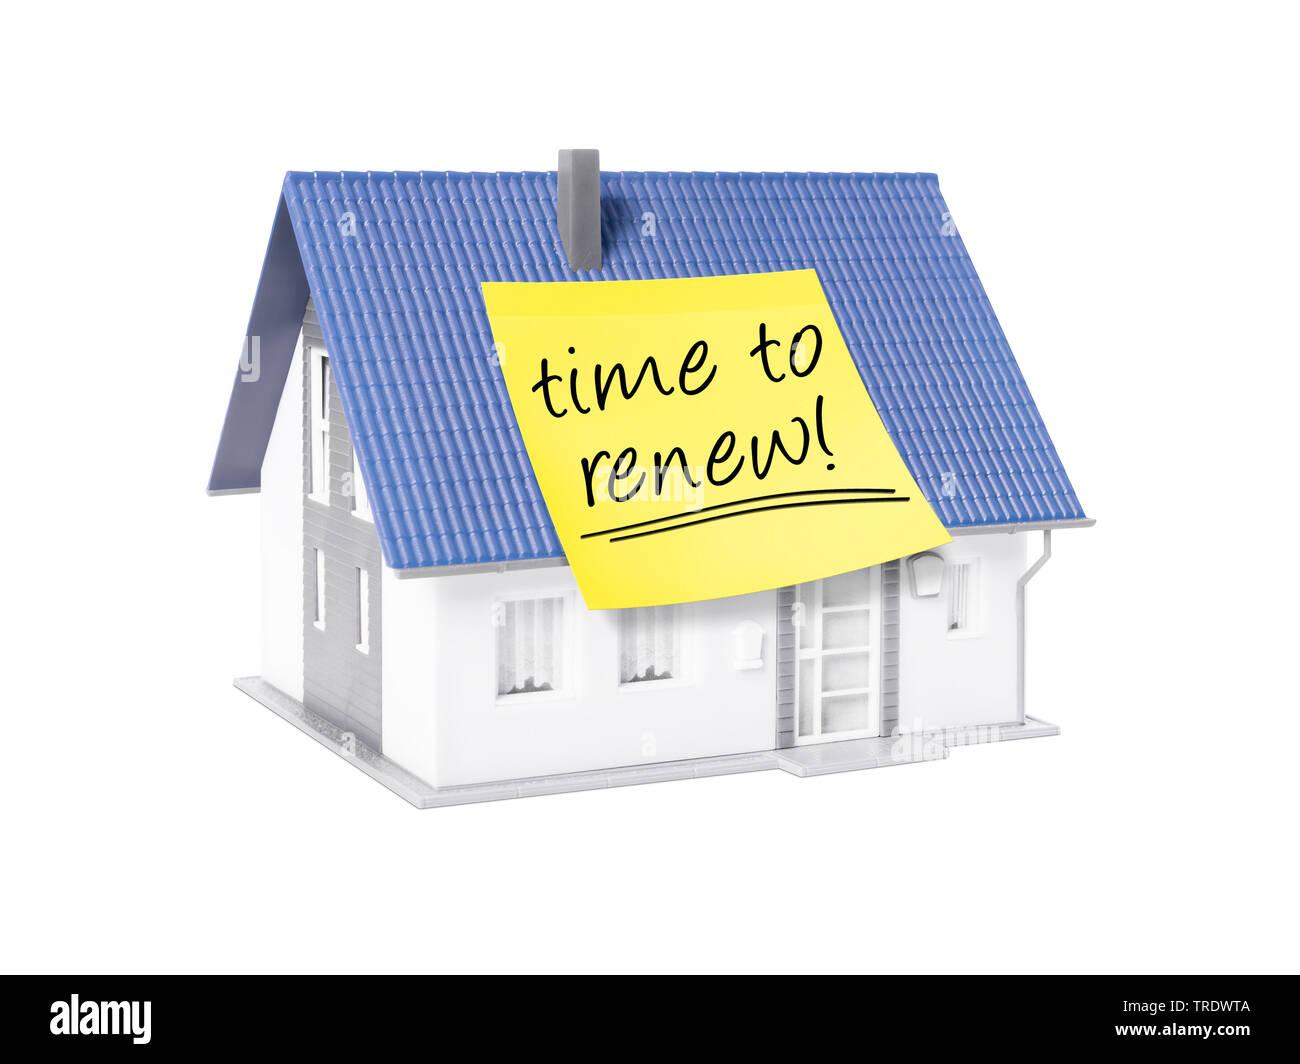 3D-Computergrafik, Alleinstehendes Einfamilienhaus mit gelbem Klebezettel mit der Aufschrift TIME TO RENEW (Zeit zu Erneuern) | 3D computer graphic, f - Stock Image